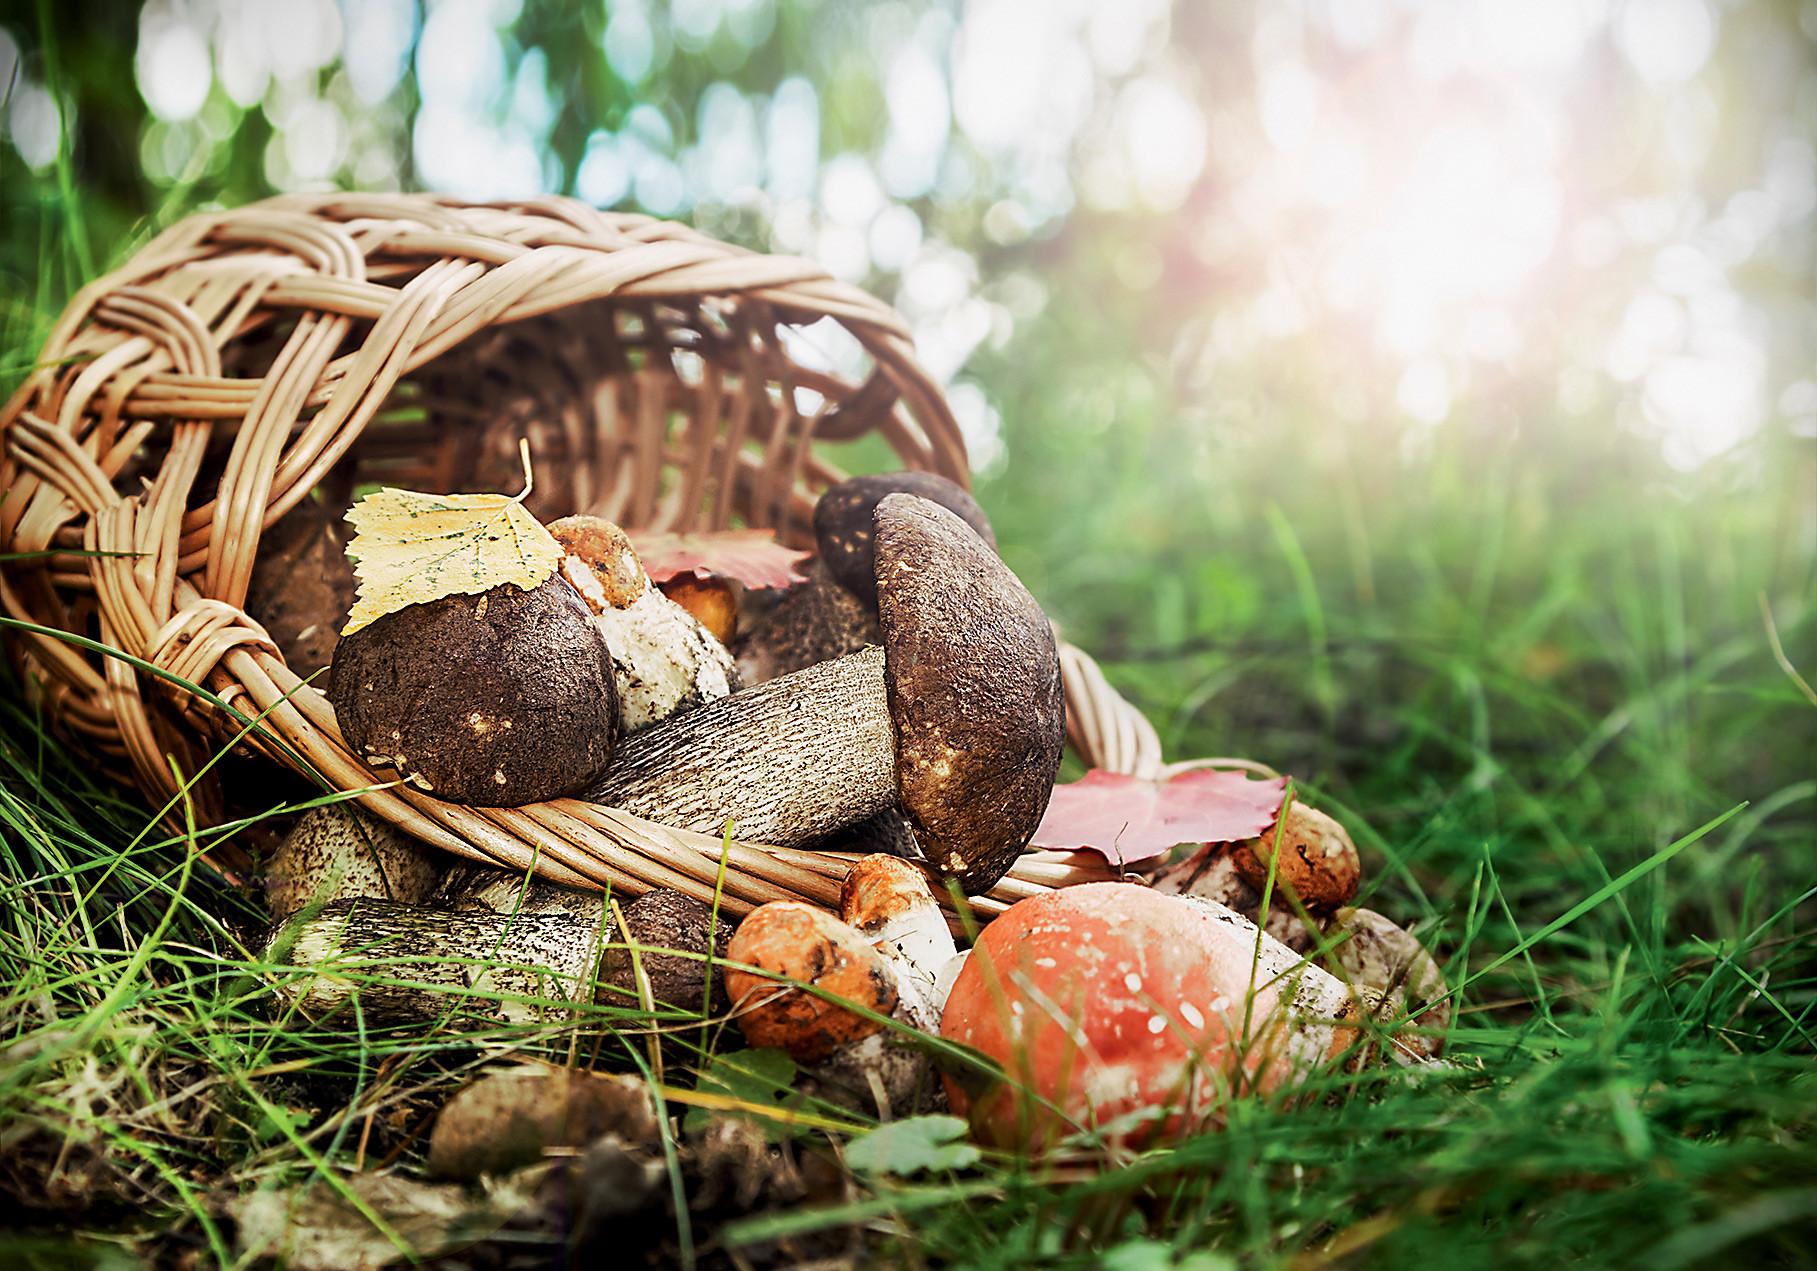 Чем опасны съедобные грибы: полезные советы